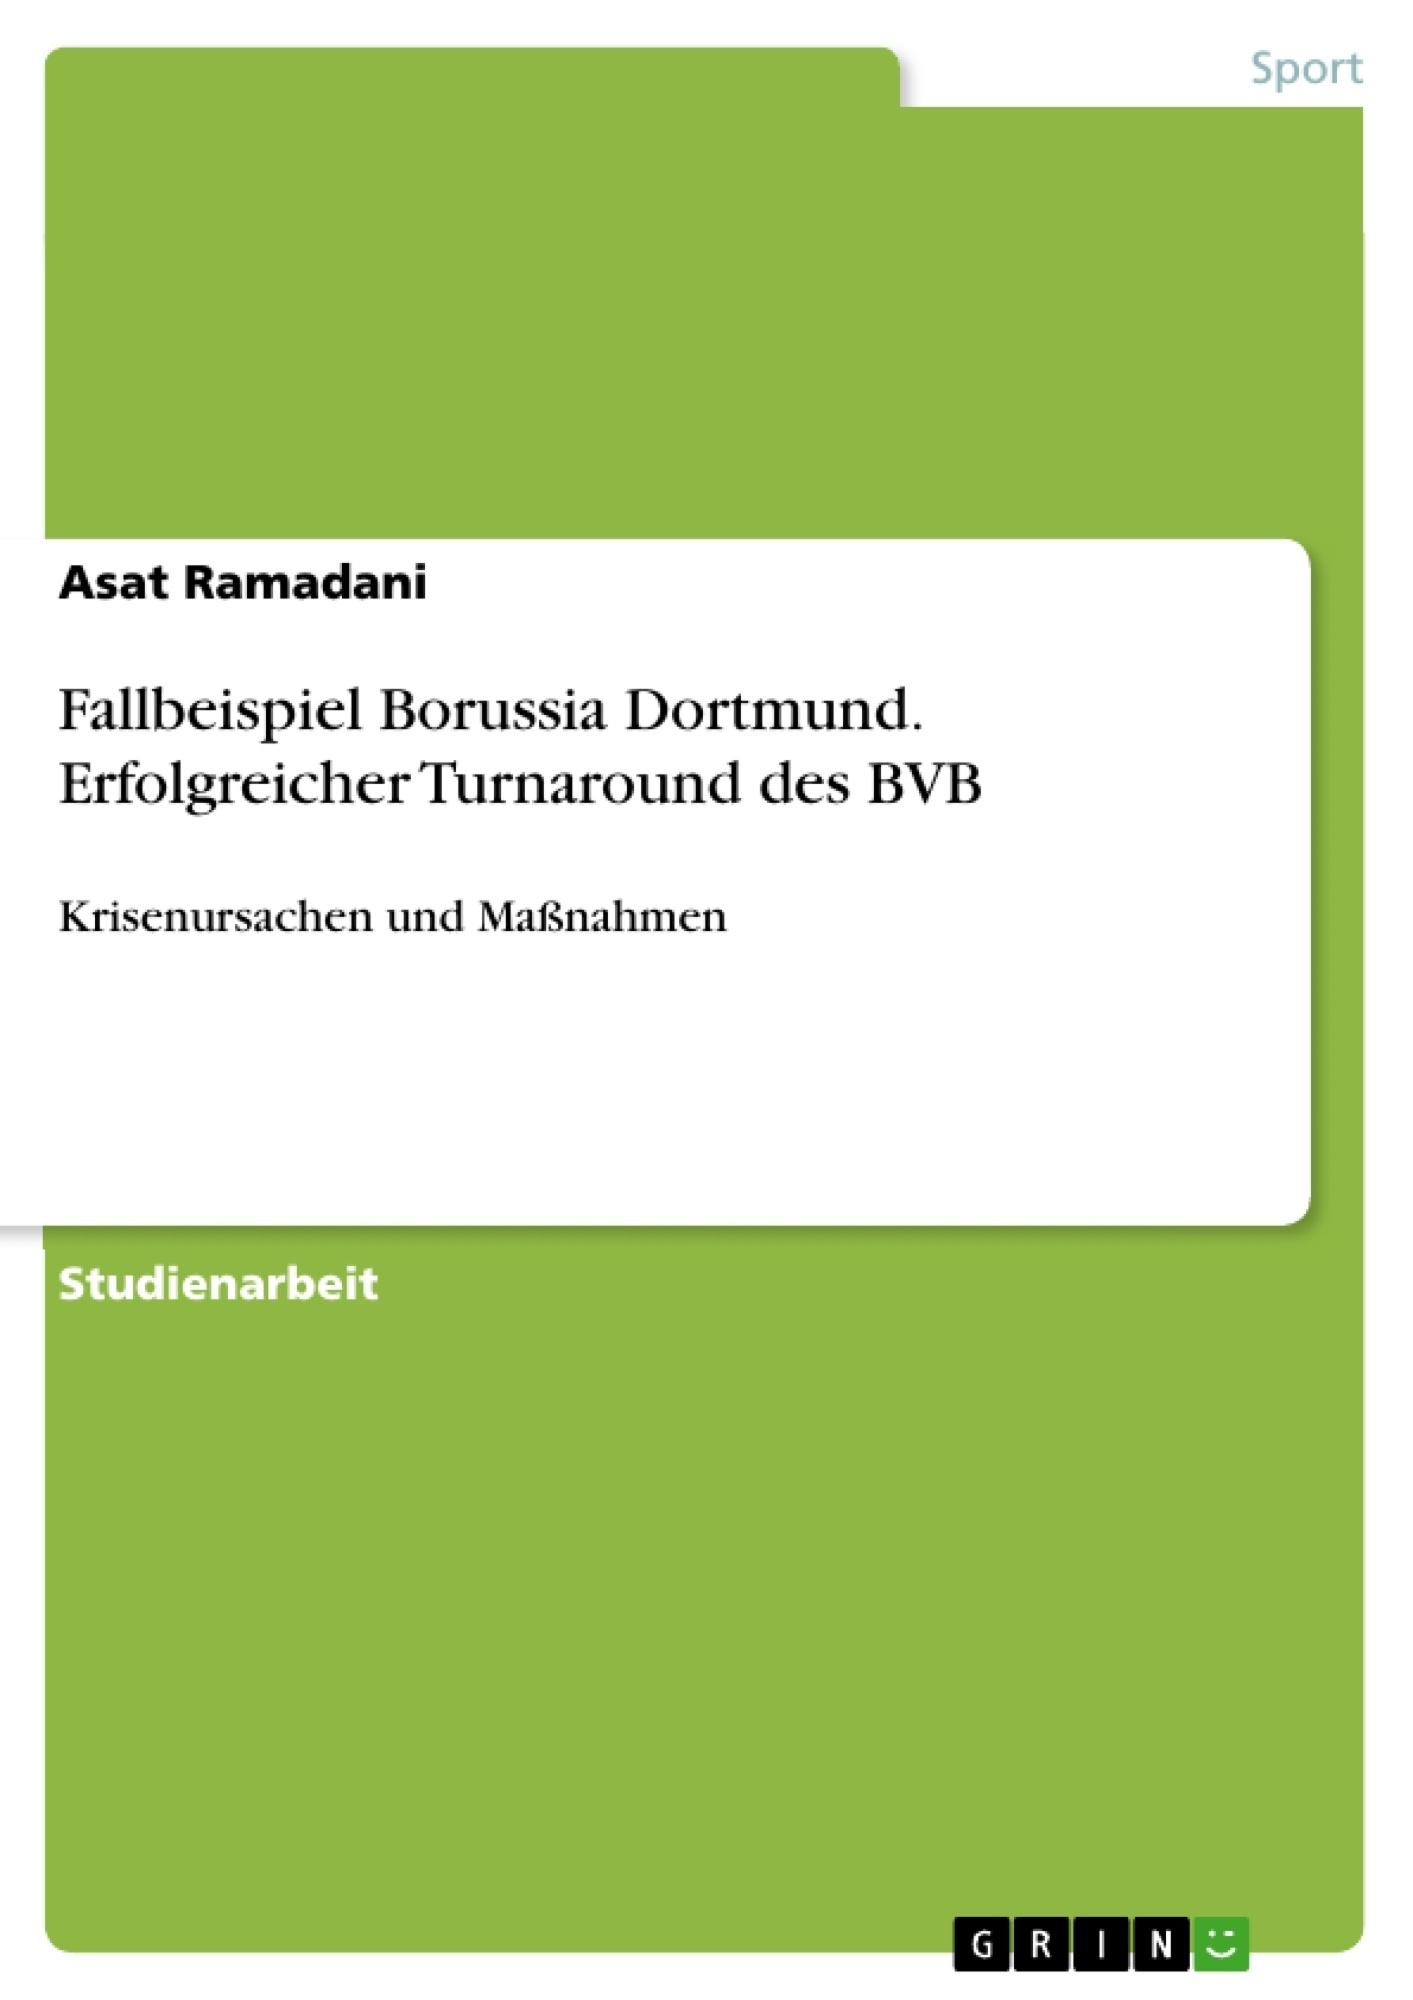 Titel: Fallbeispiel Borussia Dortmund. Erfolgreicher Turnaround des BVB